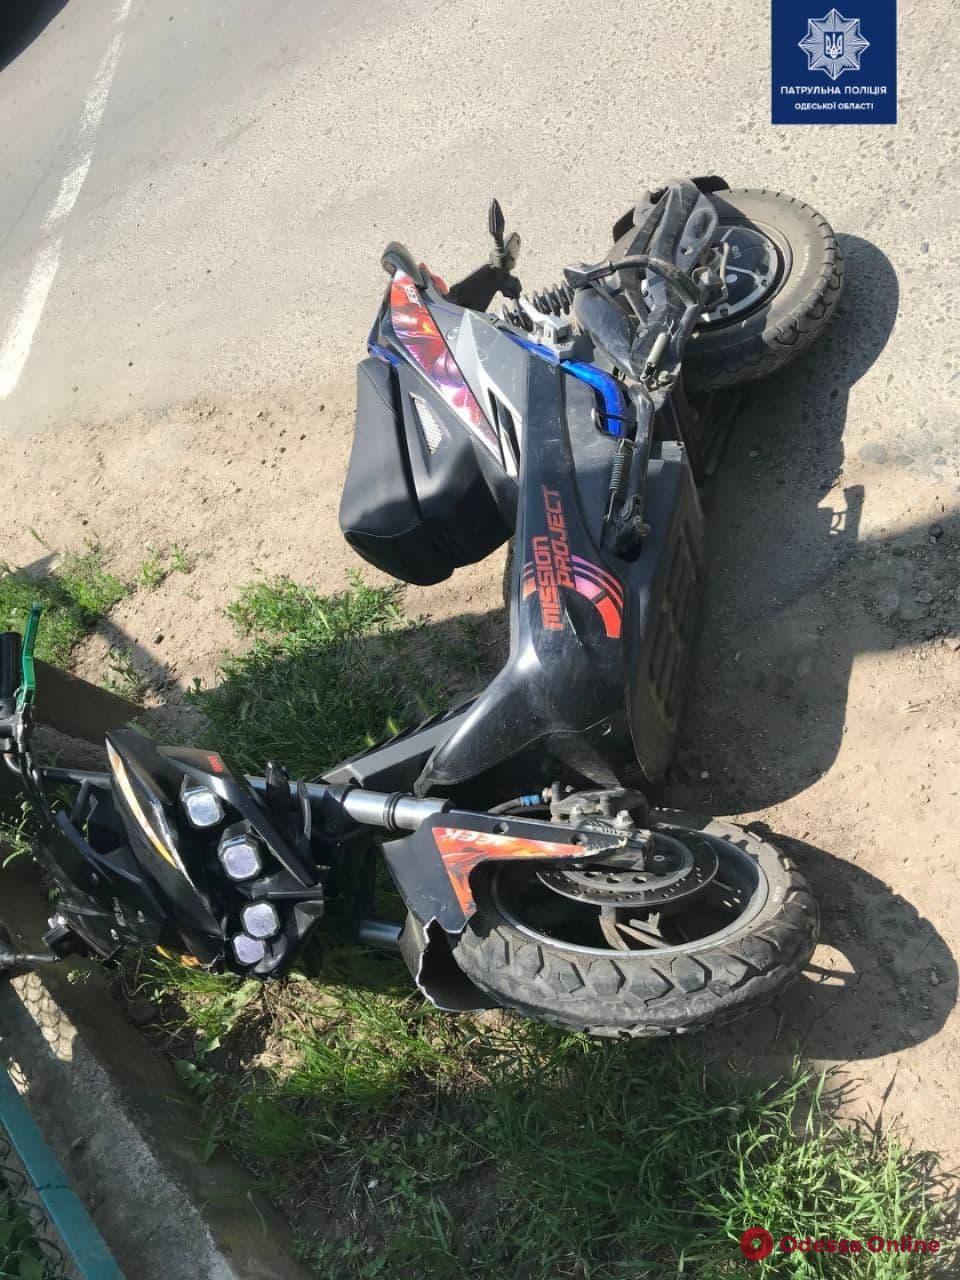 В районе Ленпоселка столкнулись электроскутер и микроавтобус – двое пострадавших